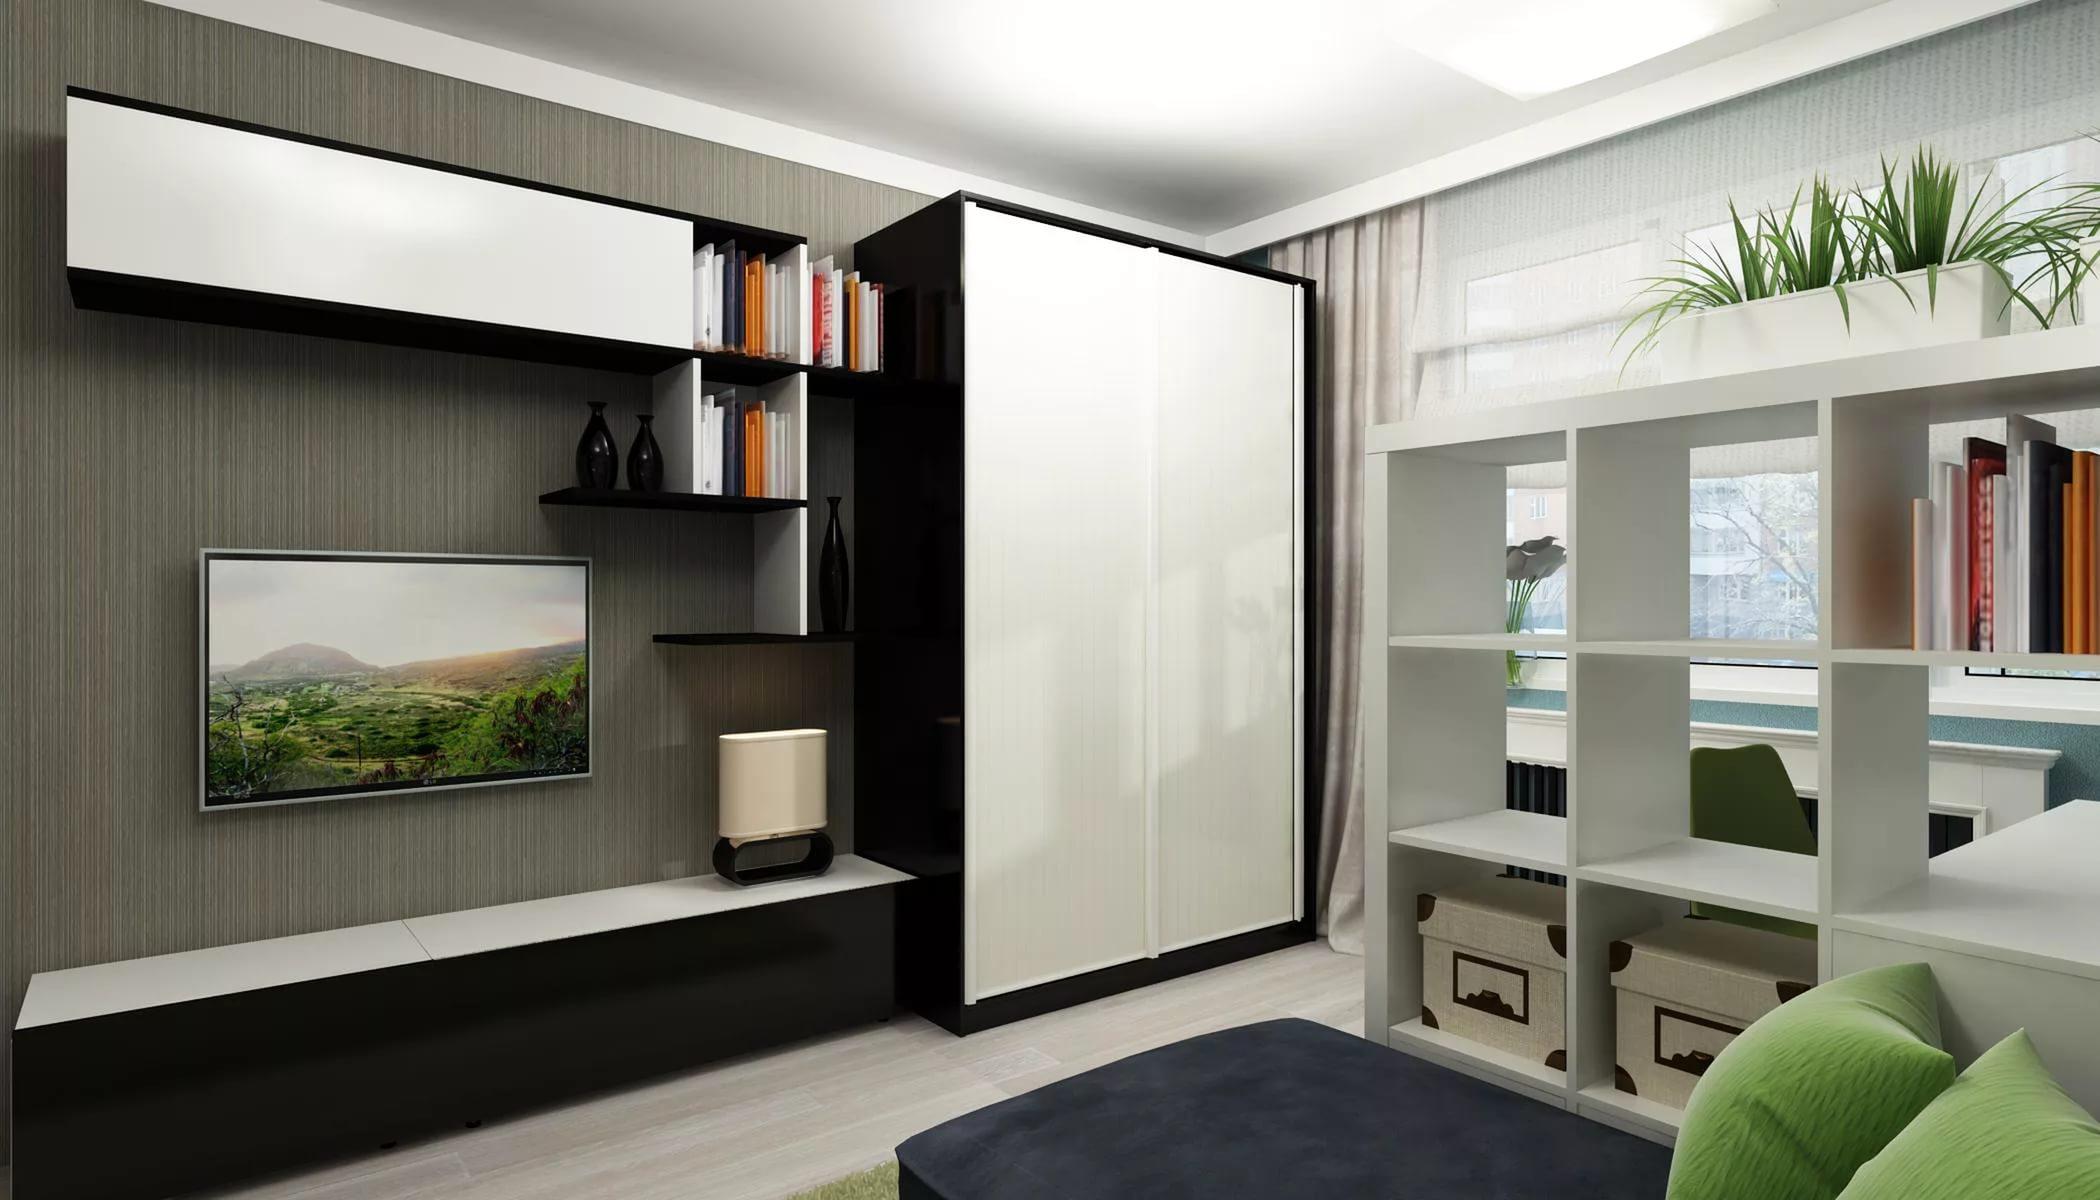 Оформление спальной комнаты с фотообоями само